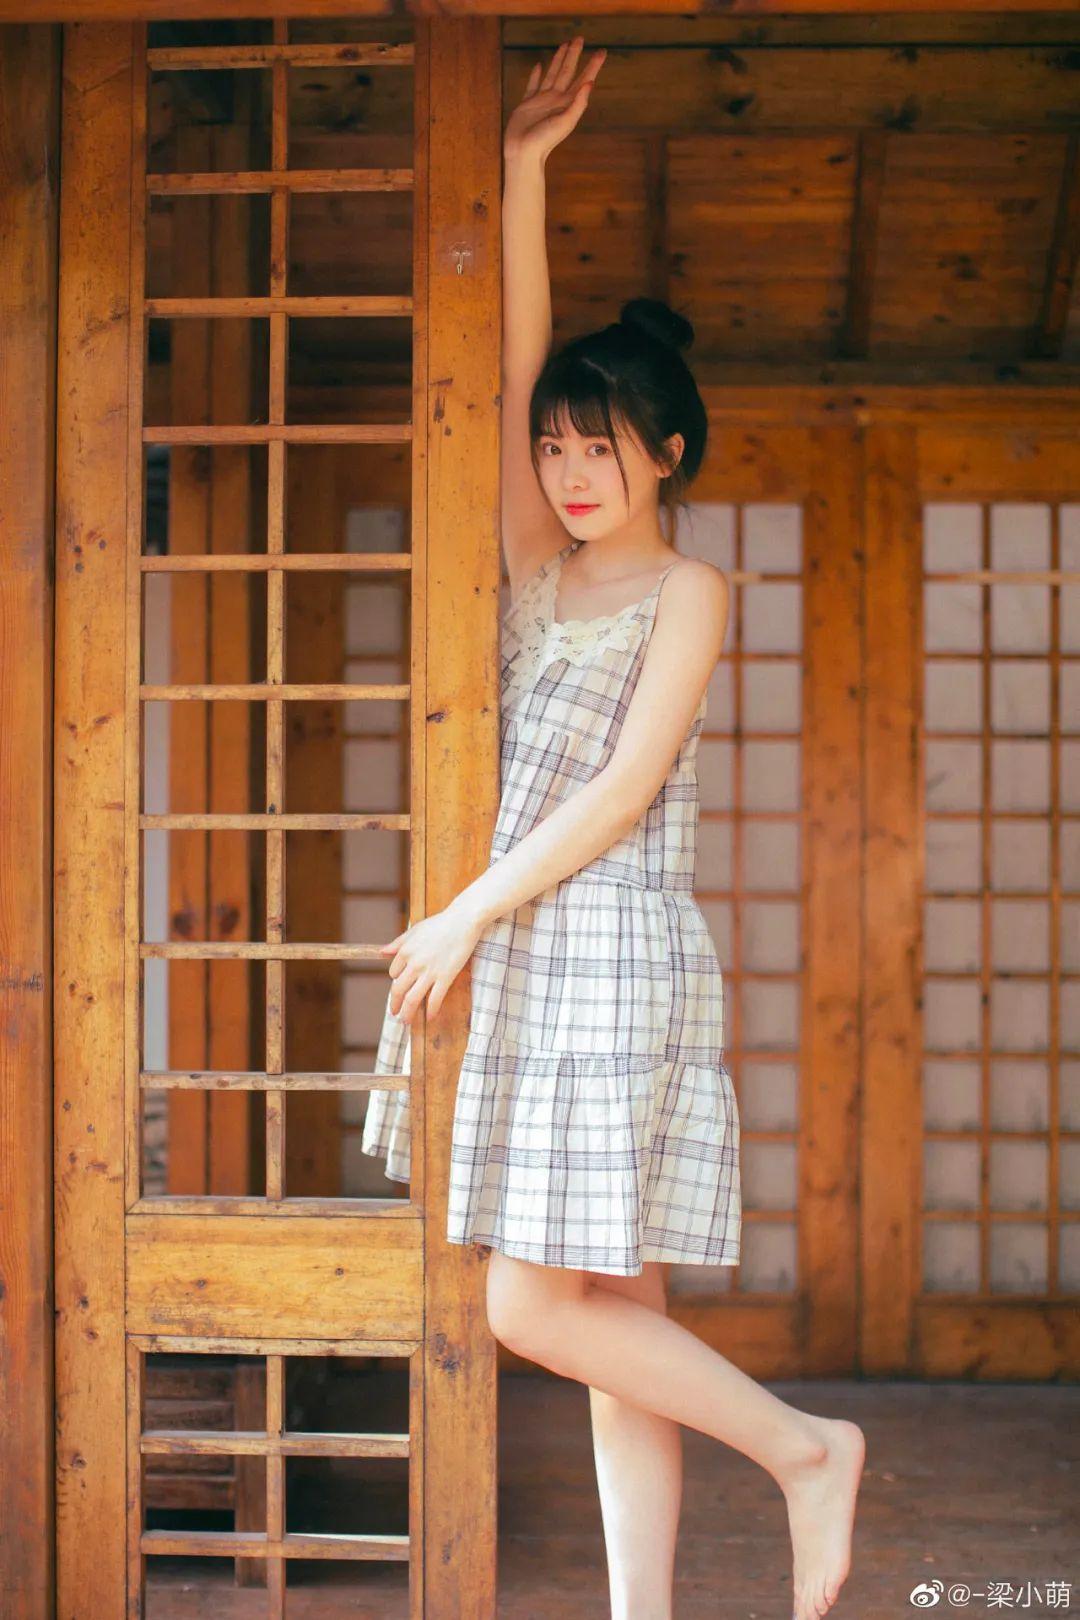 妹子摄影 – 微博美少女@-梁小萌,吃橘子的连衣裙清纯小妹_图片 No.6